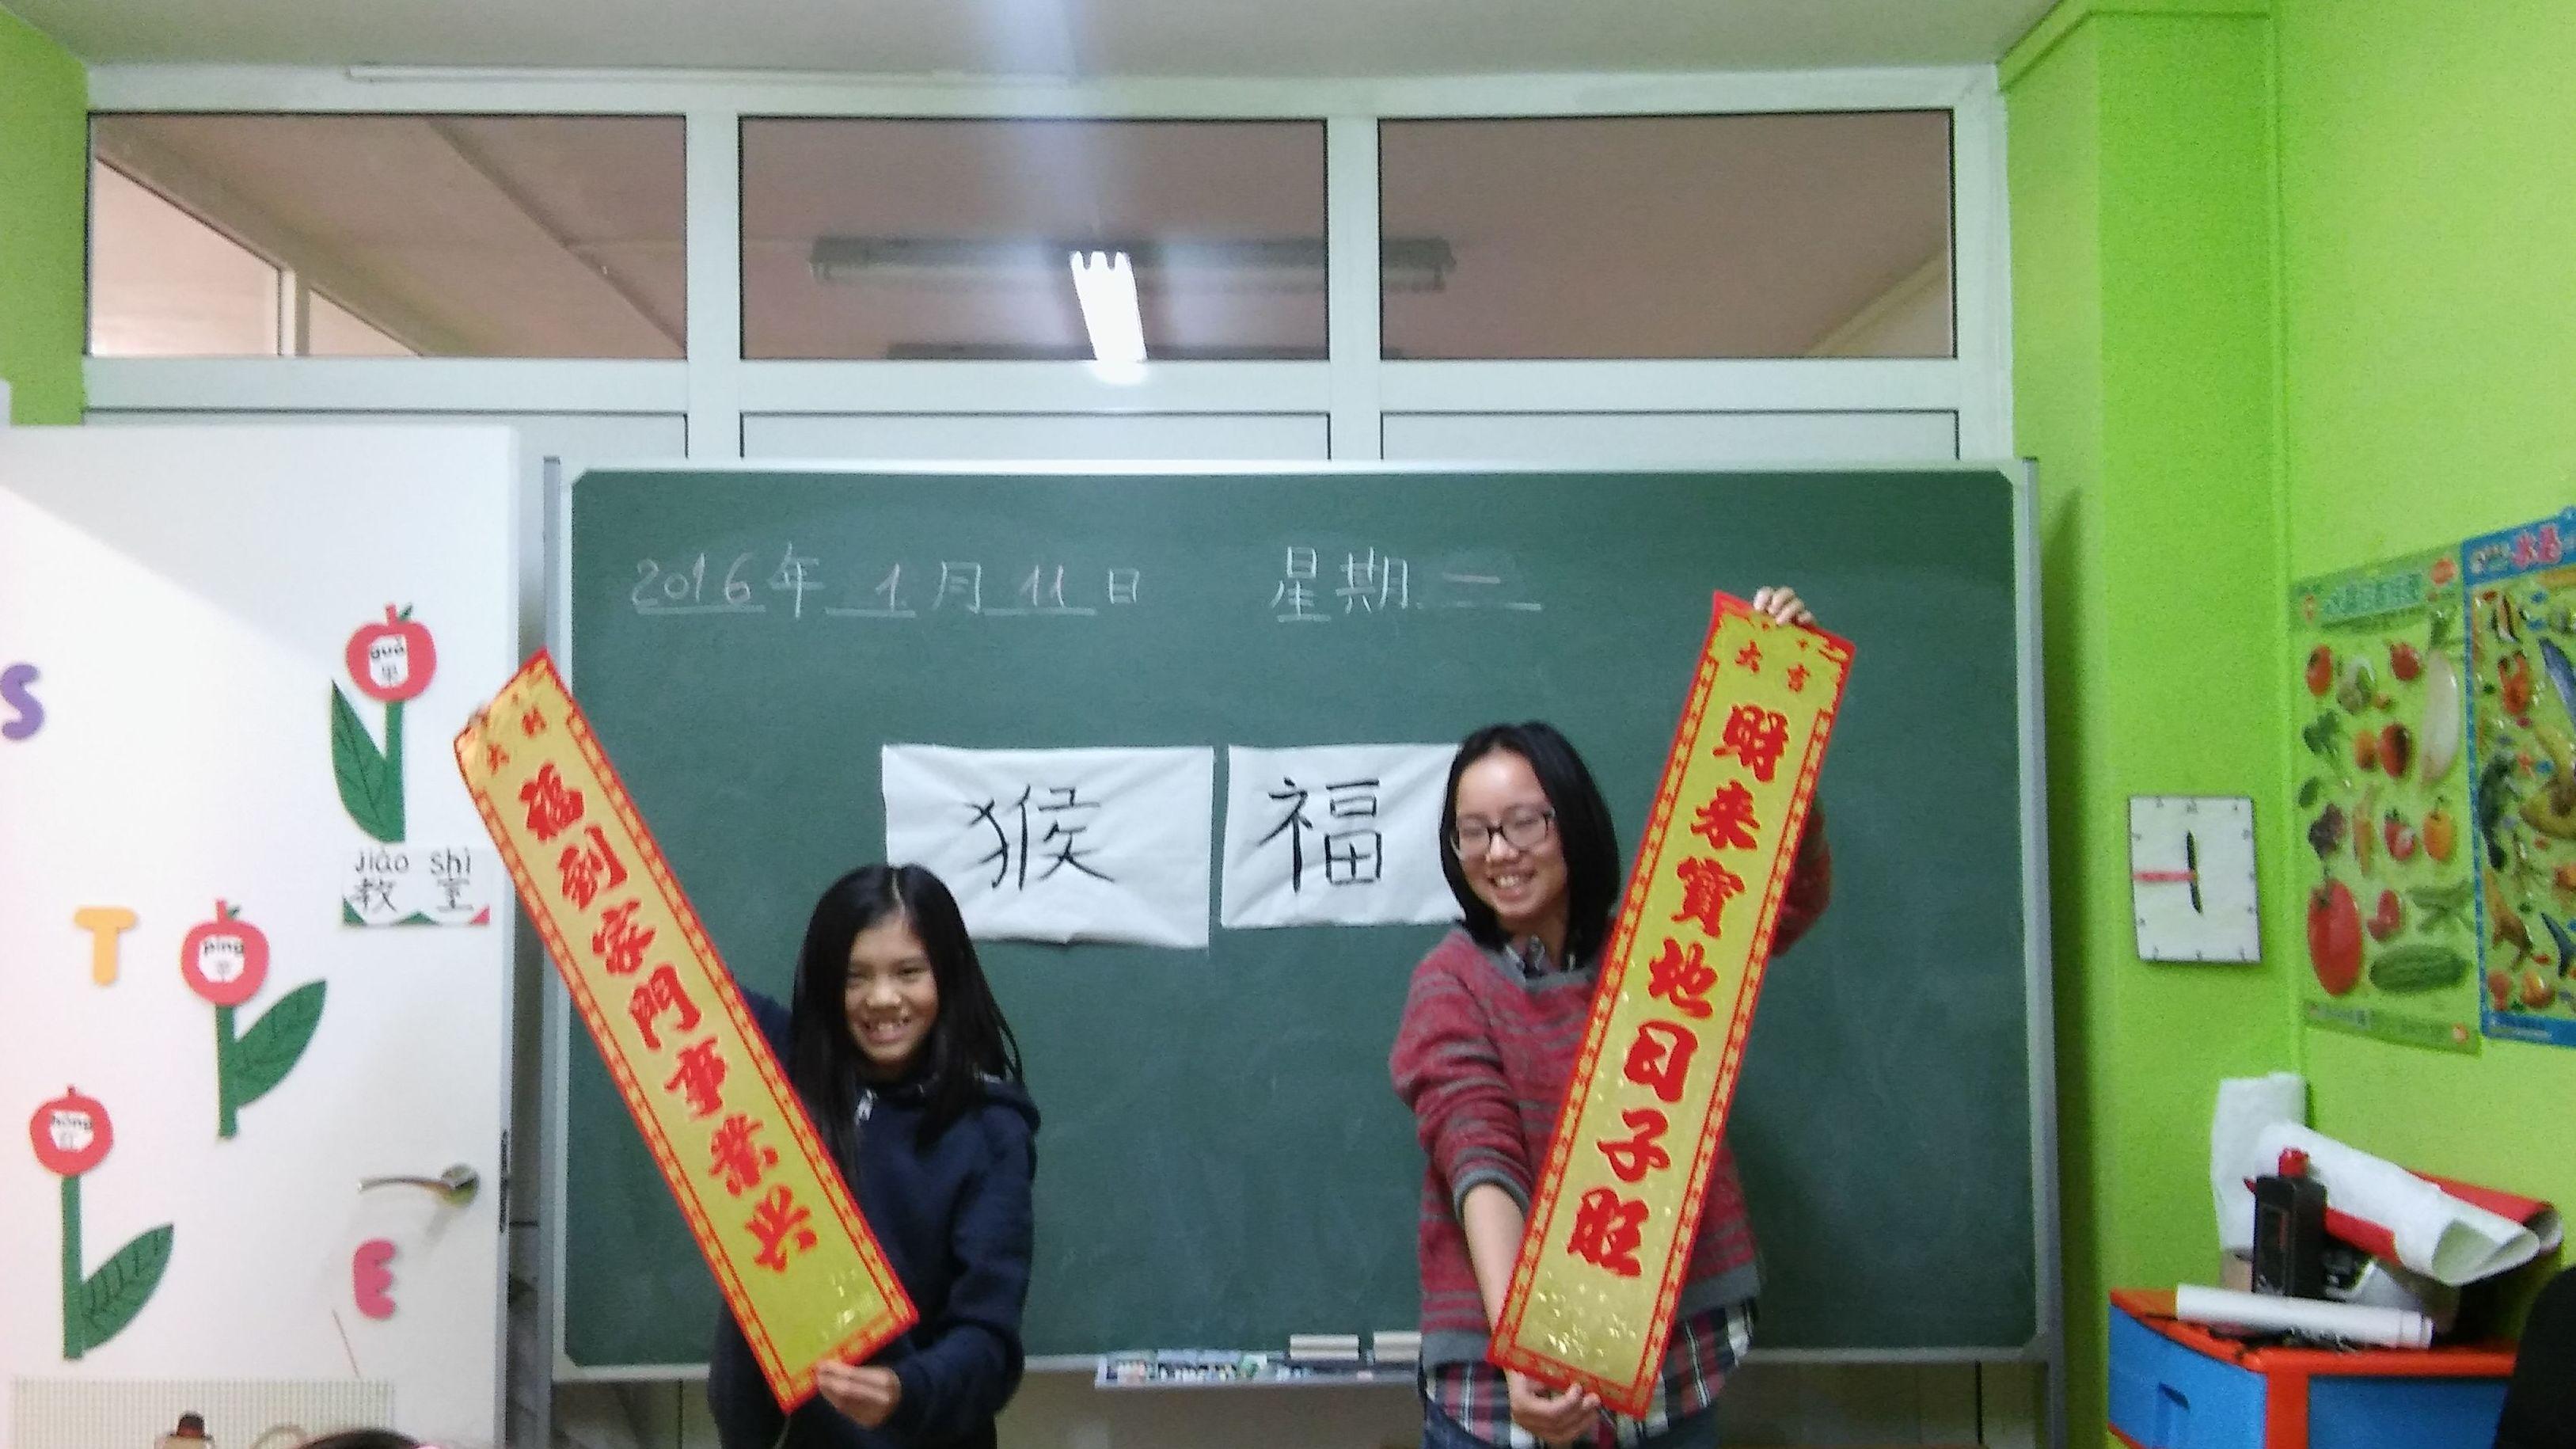 Foto 152 de Academia en Barakaldo | Academia de chino Barakaldo